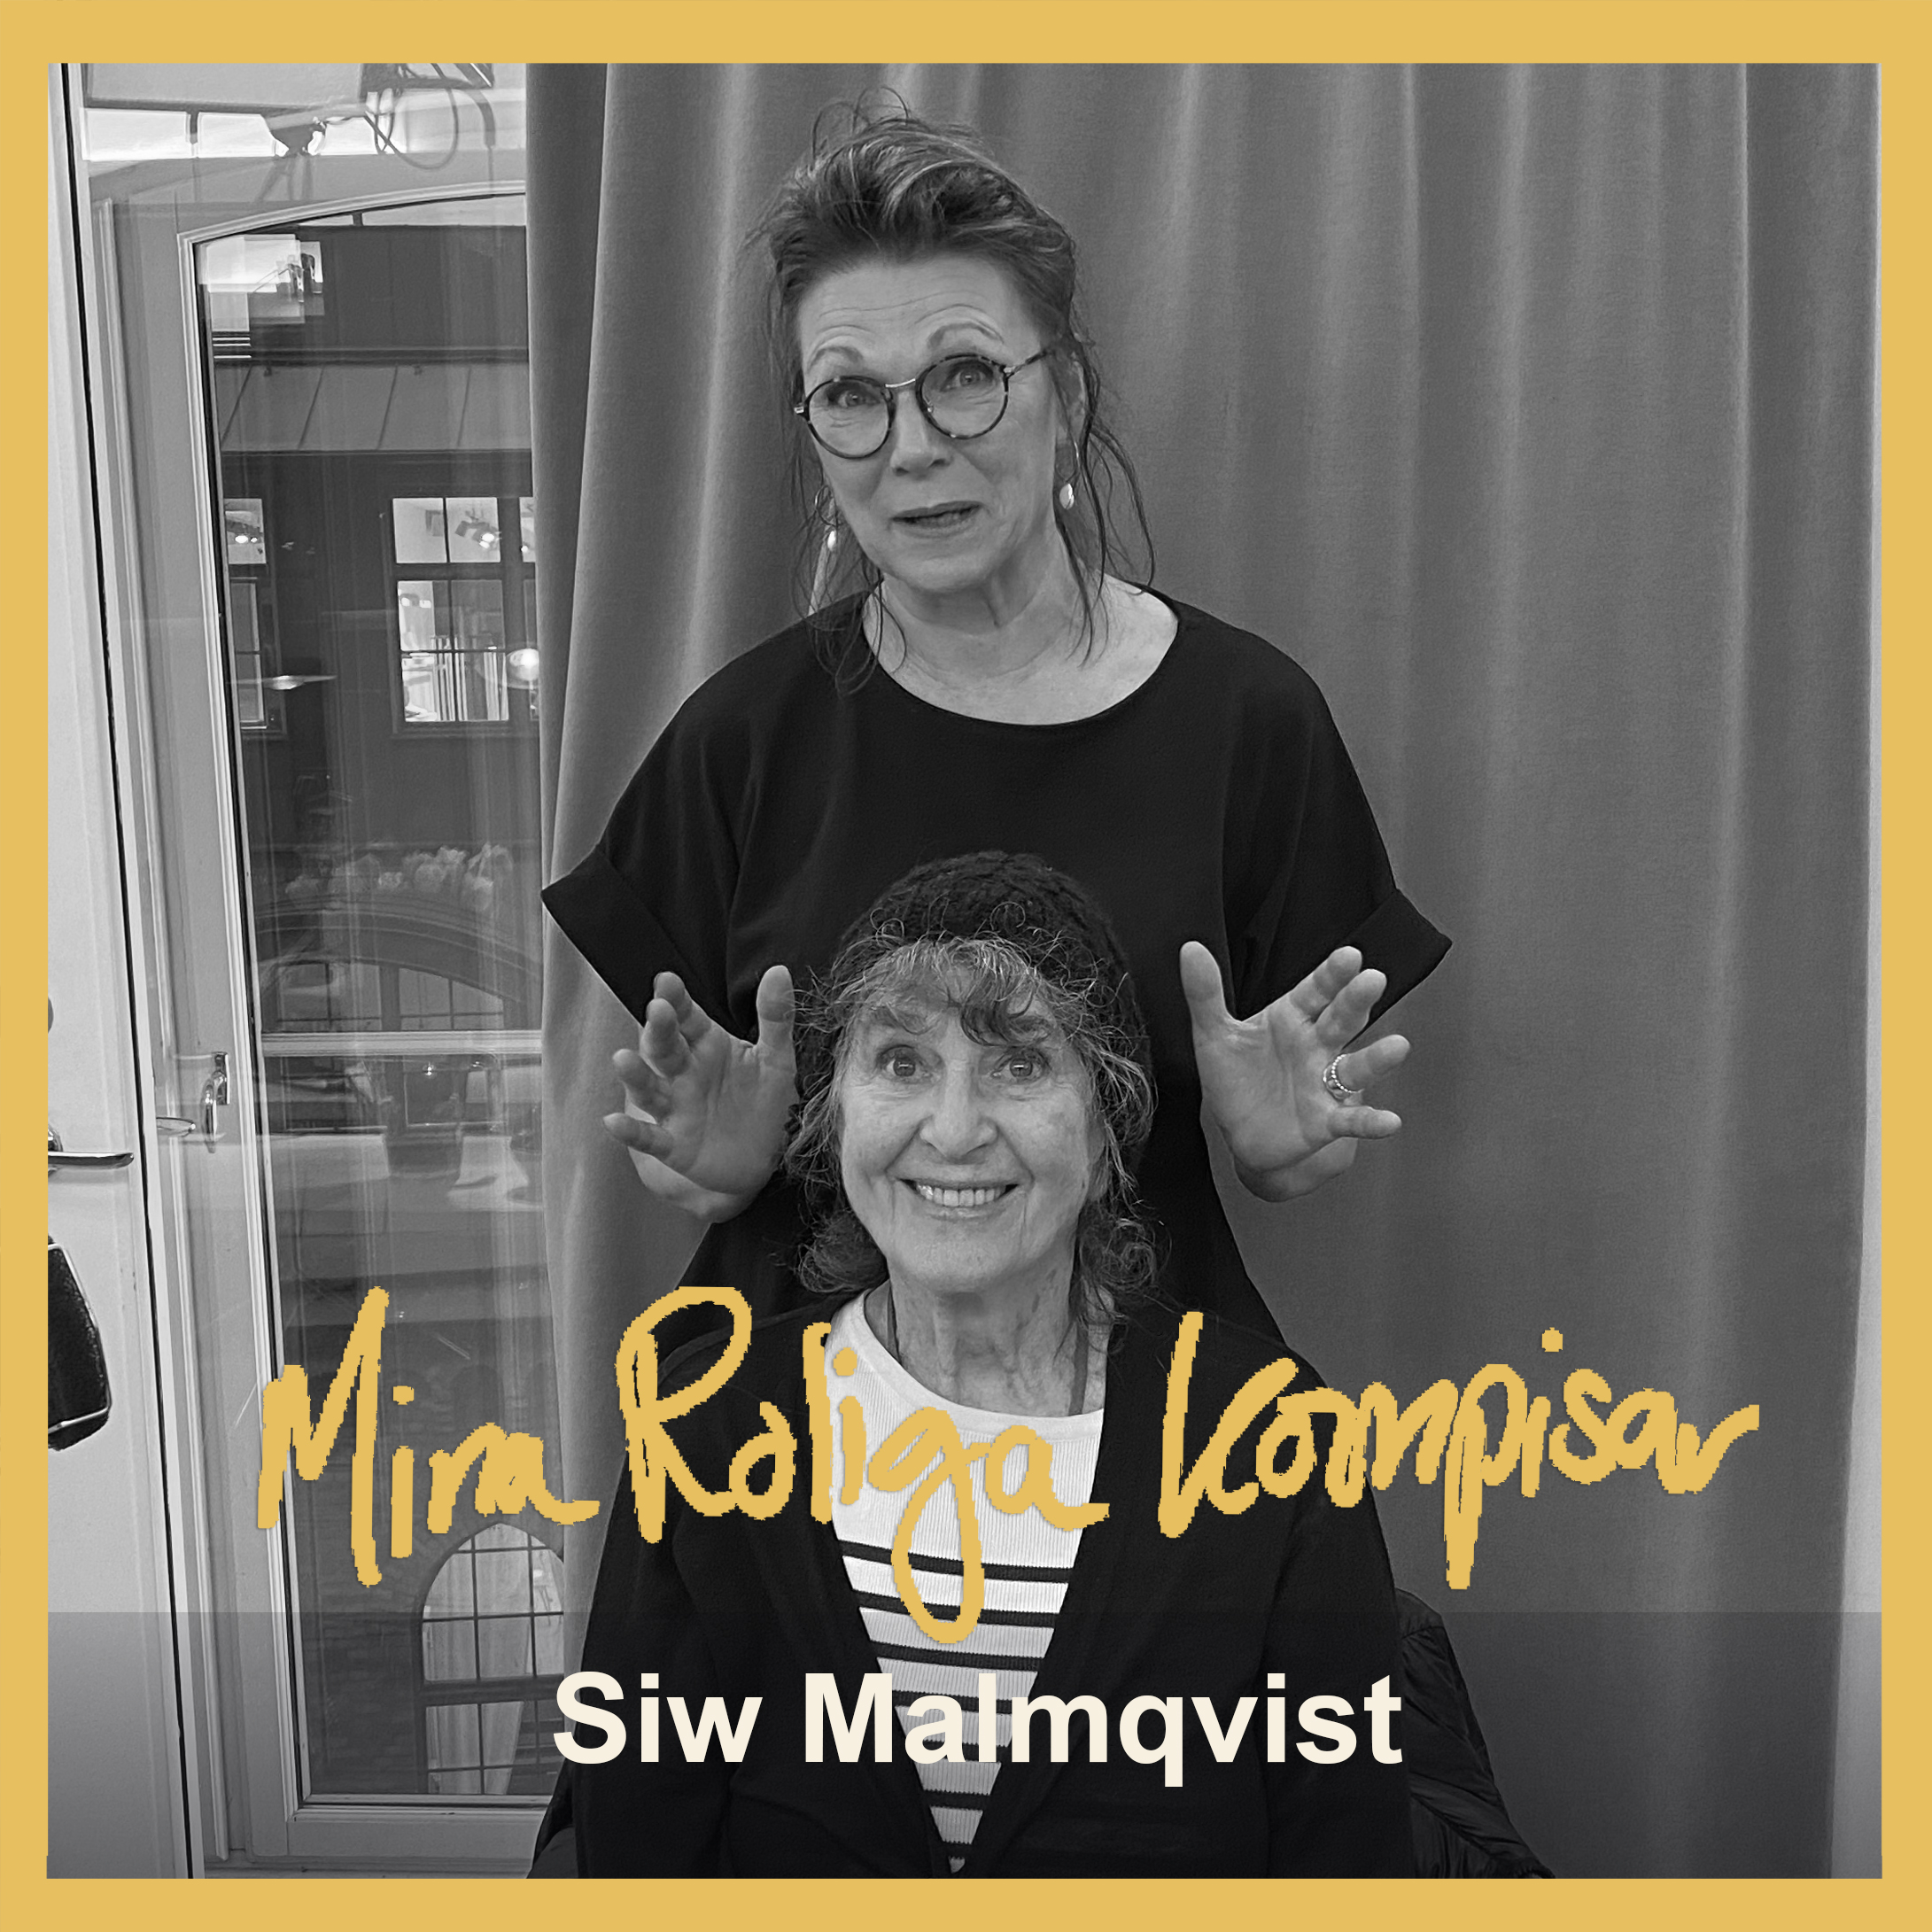 10. Siw Malmqvist